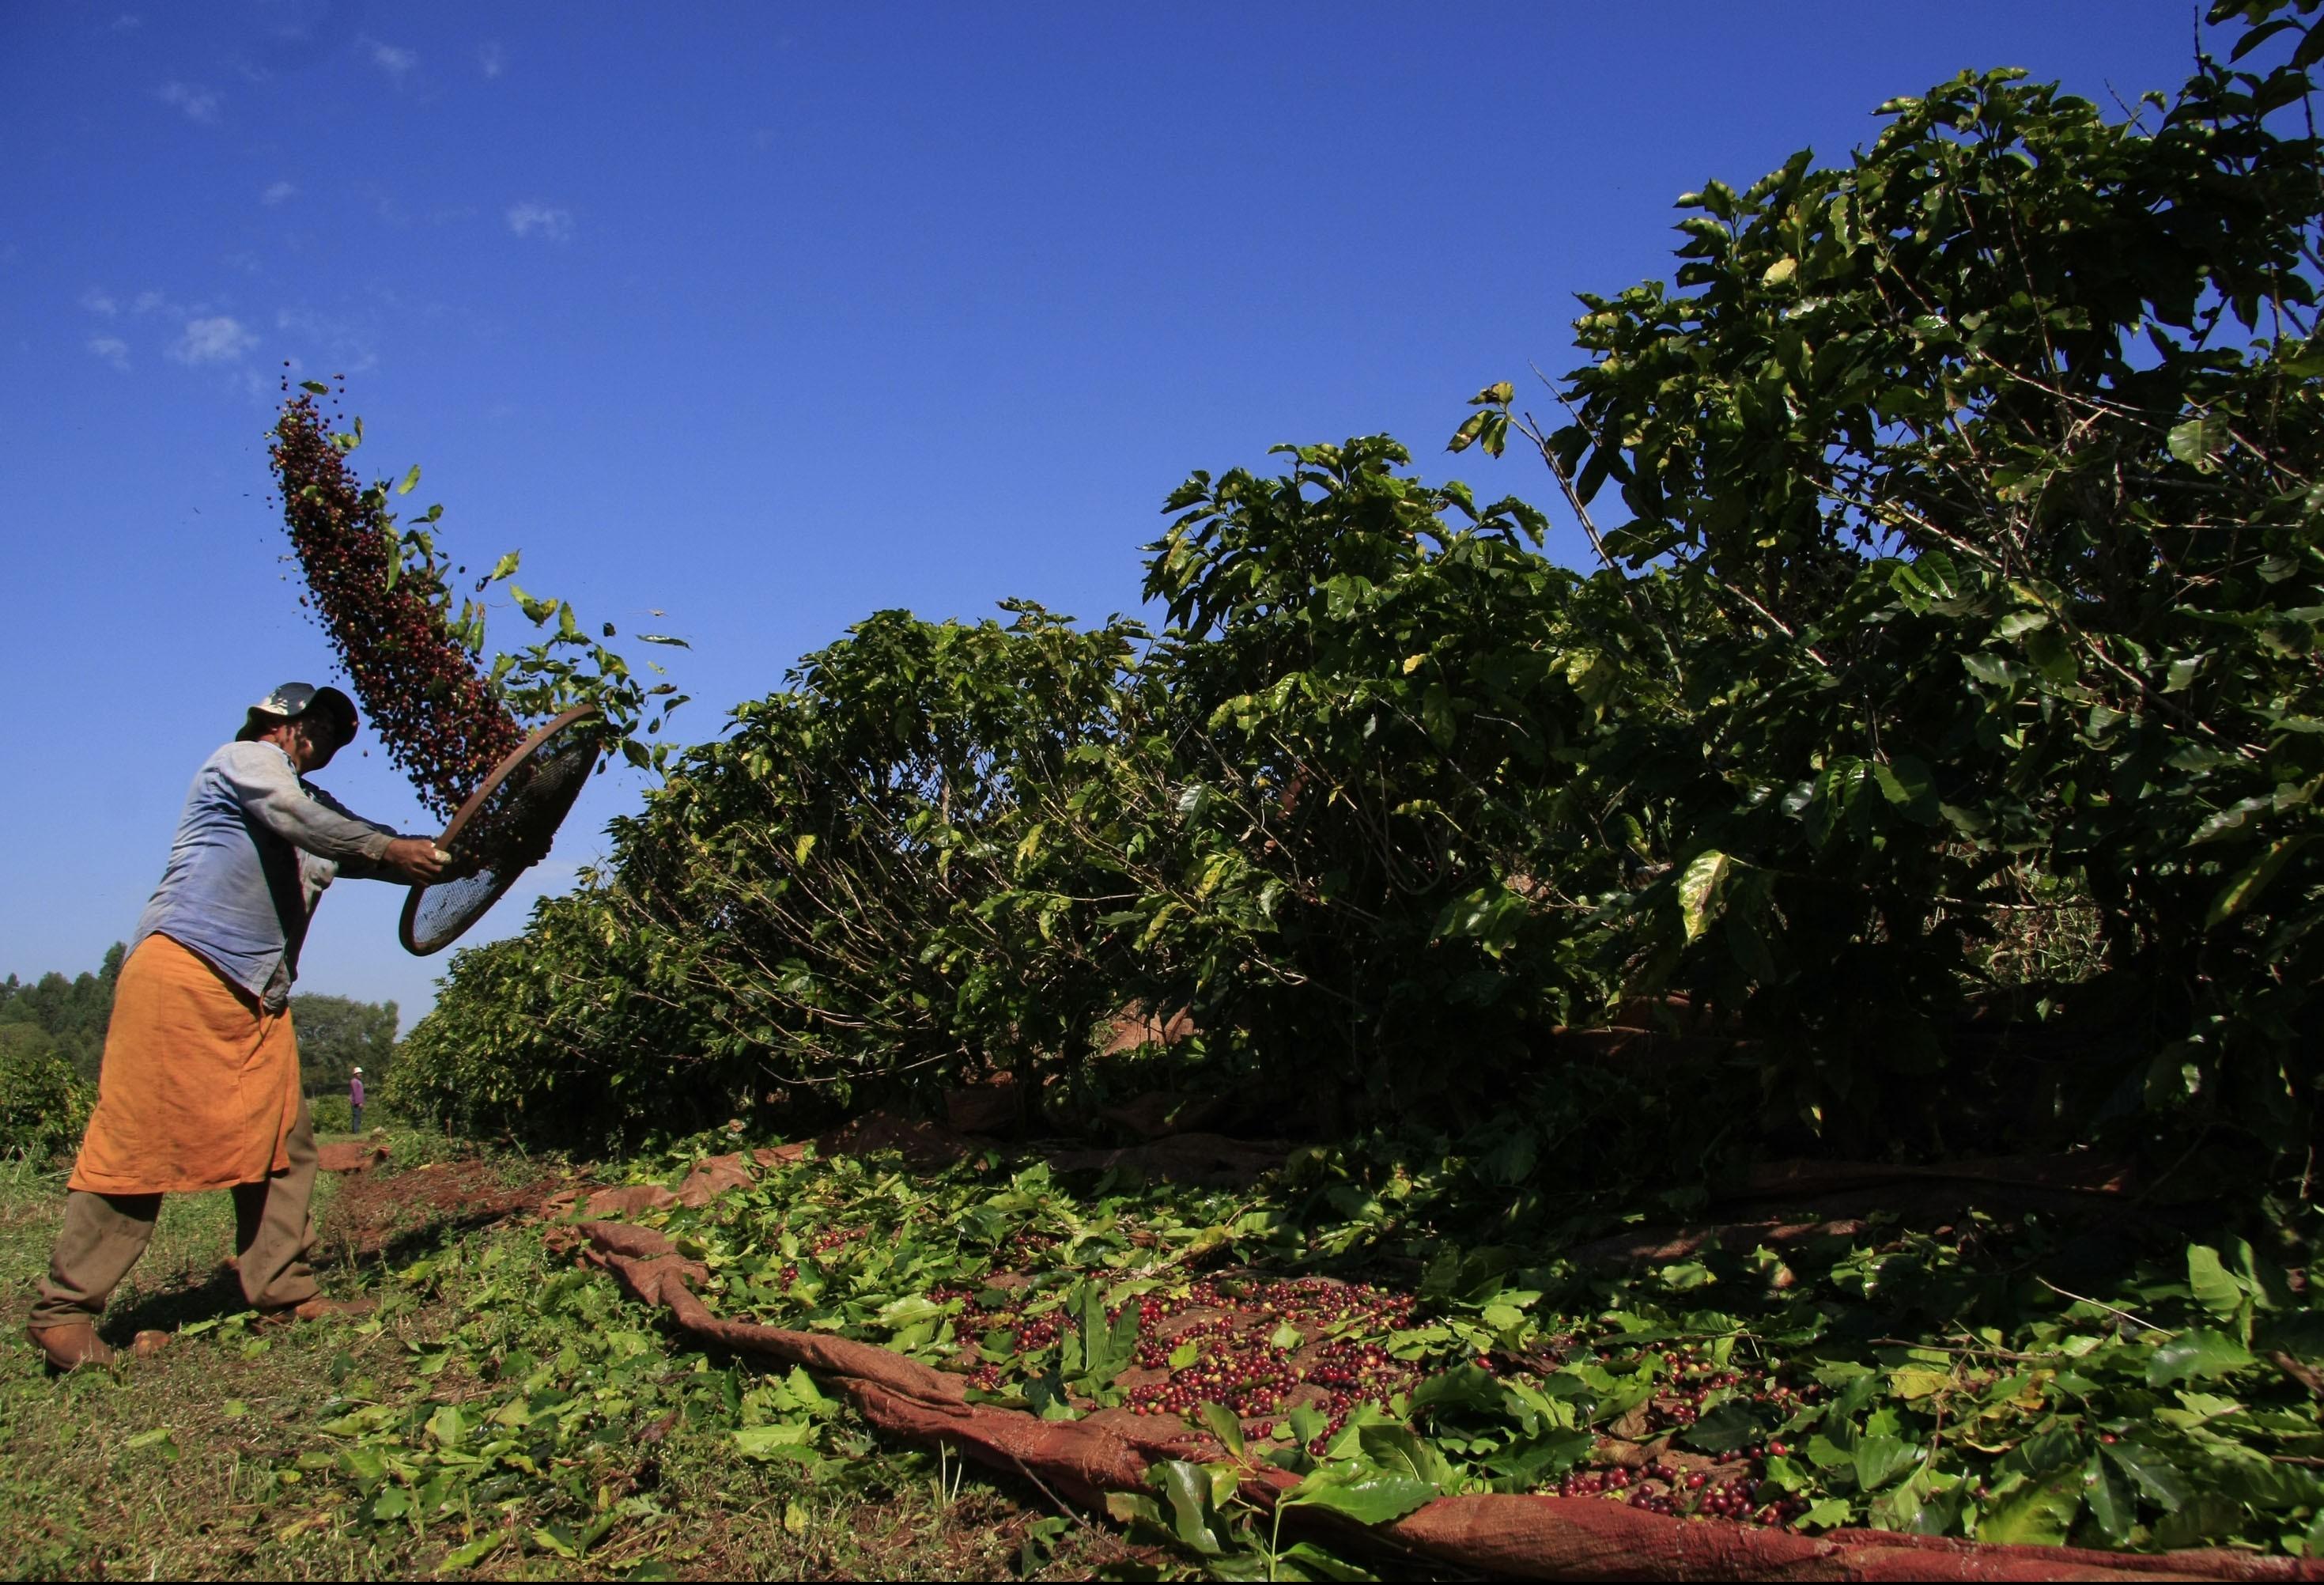 Lavouras de café na região começam a maturação dos grãos